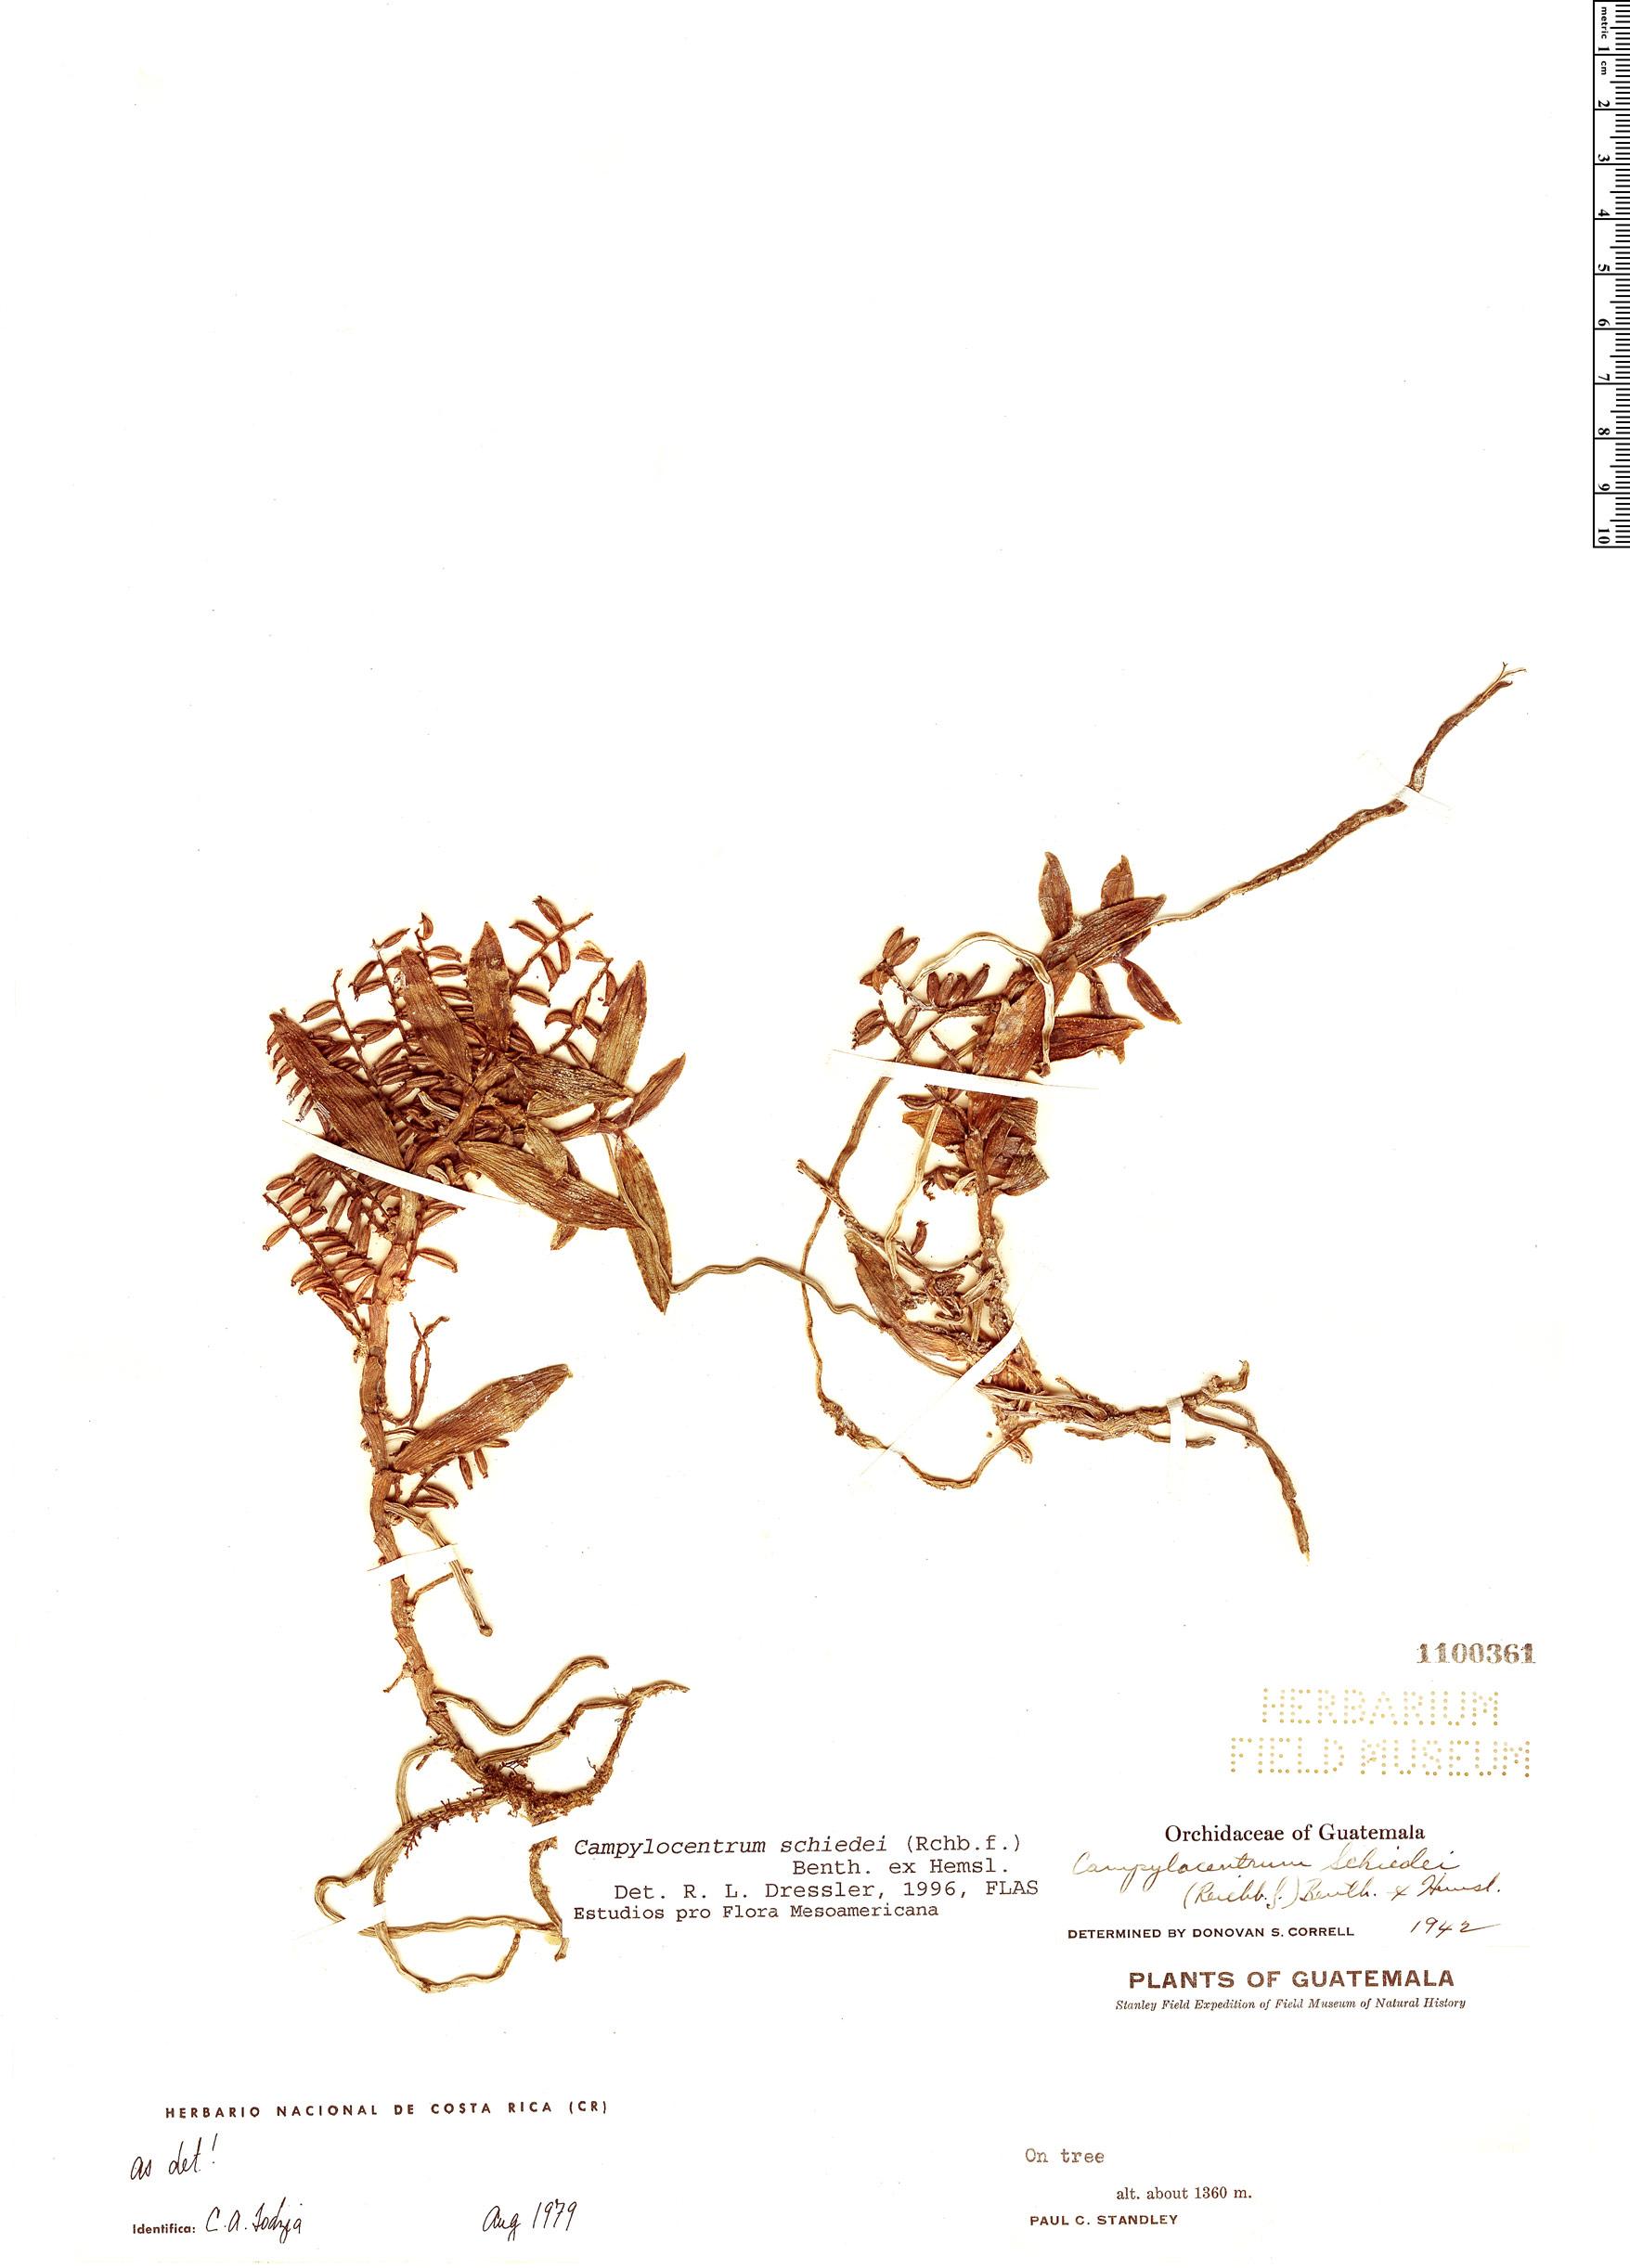 Specimen: Campylocentrum schiedei